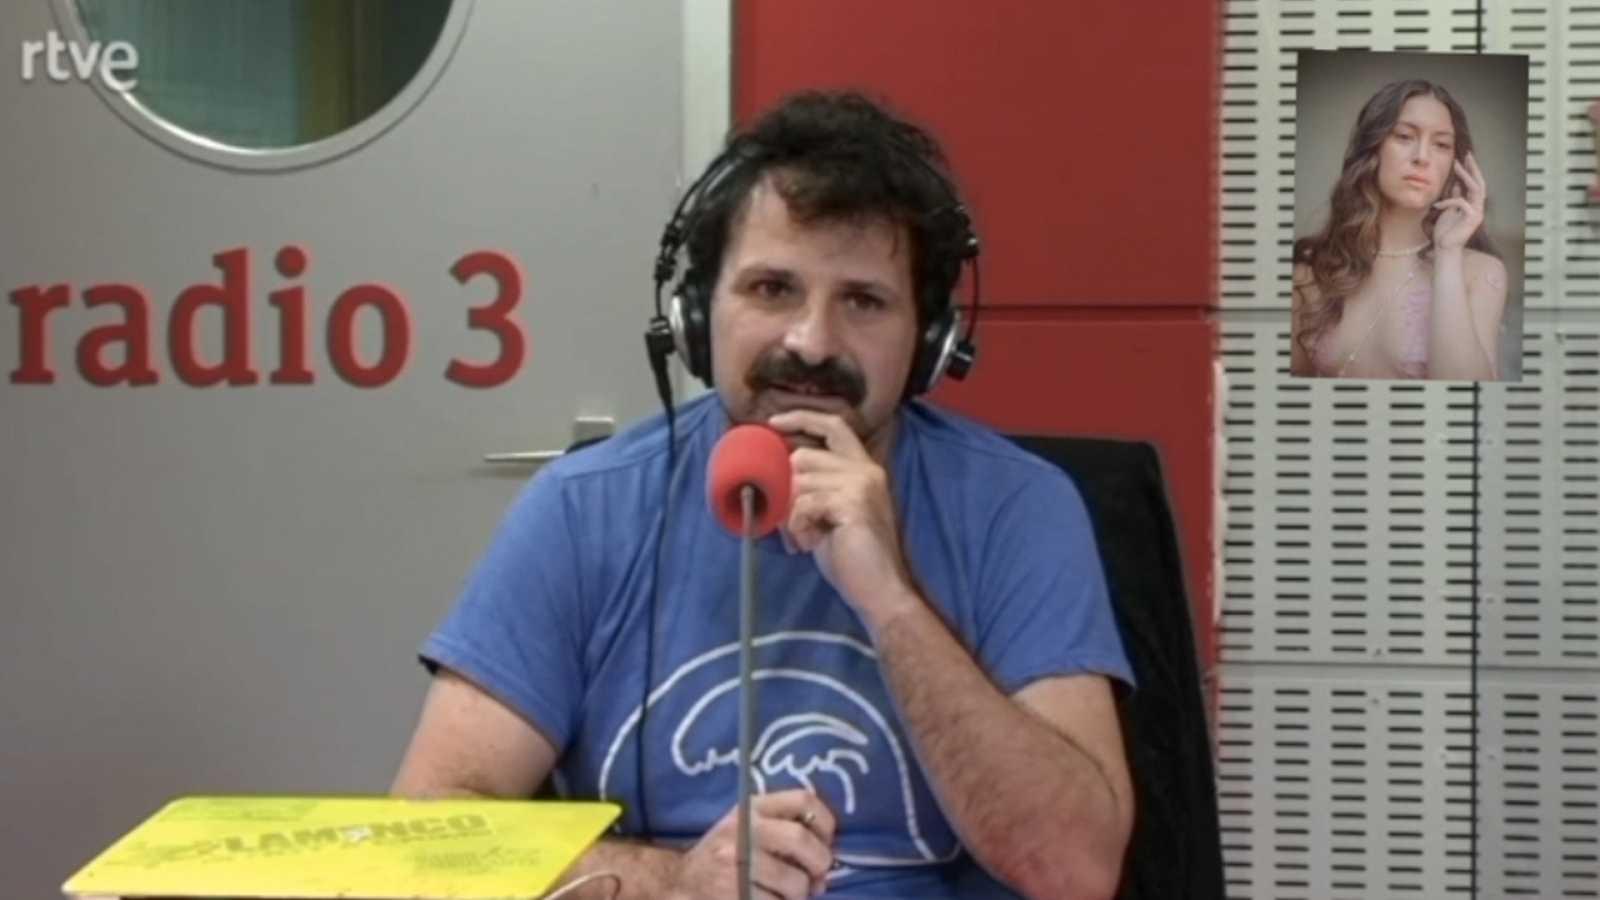 Hoy empieza todo con Ángel Carmona - Ariana Abecasis, Jaime Cruz y ROCKDELUX ha vuelto - 21/01/21 - escuchar ahora